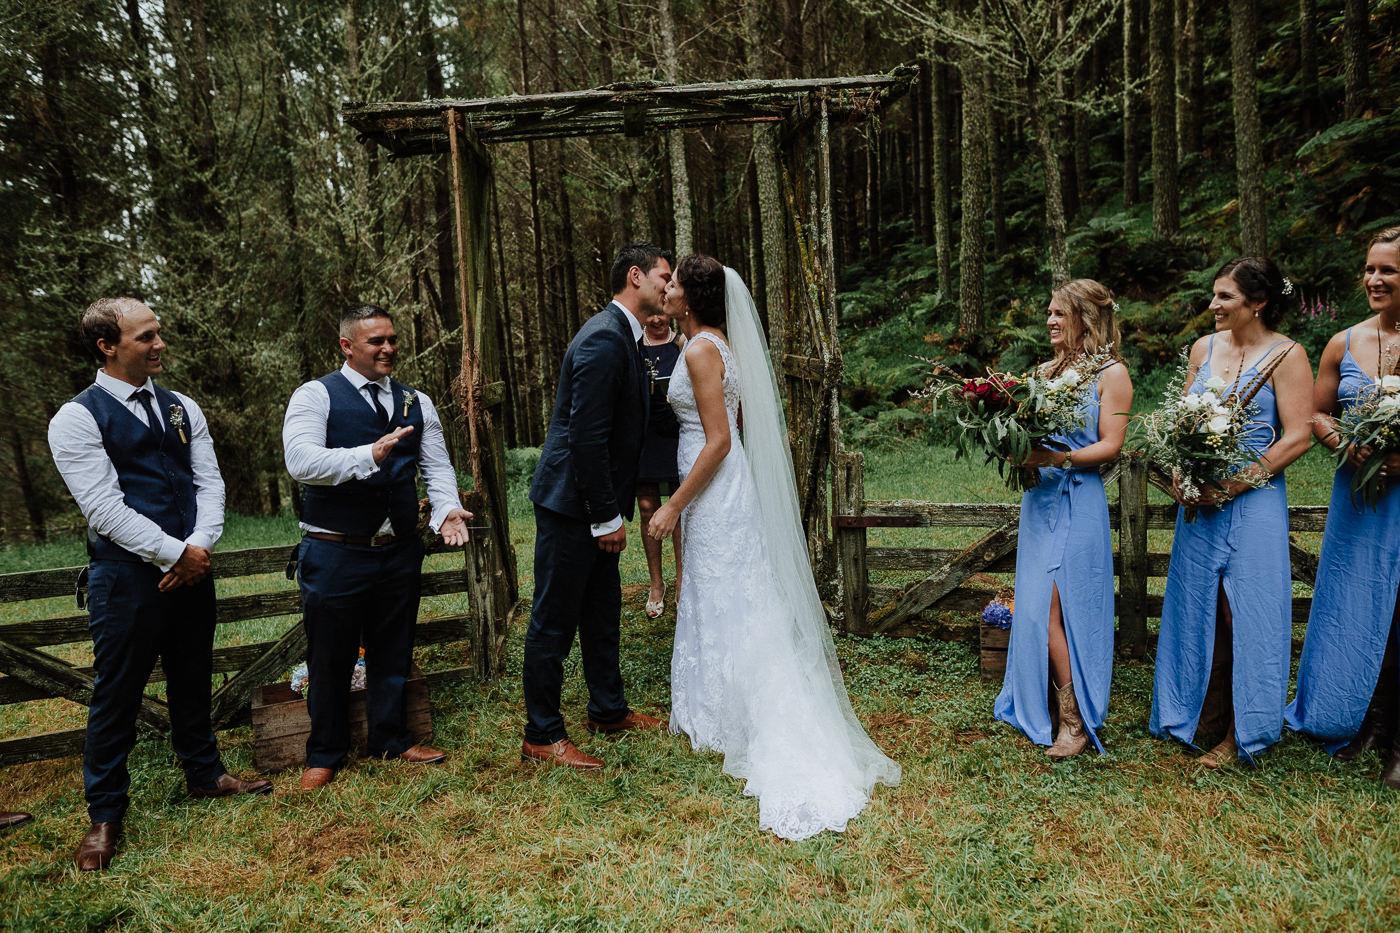 nz_wedding_photographer_gisborne-1138.jpg